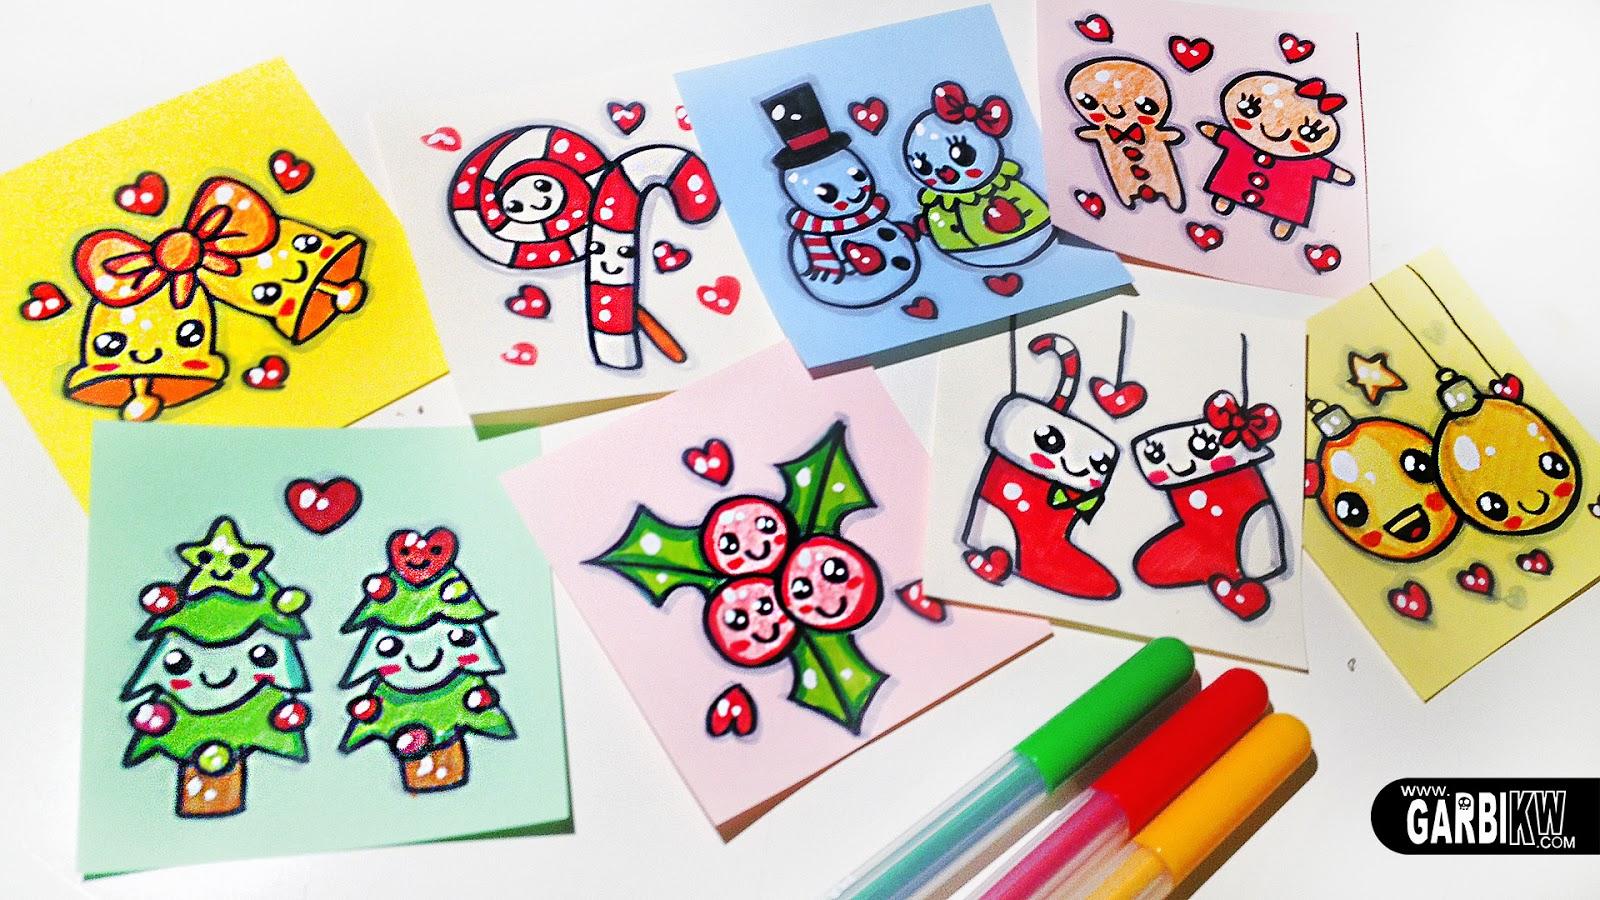 Dibujando tutoriales feliz navidad dibujos f ciles y - Dibujos de navidad faciles ...